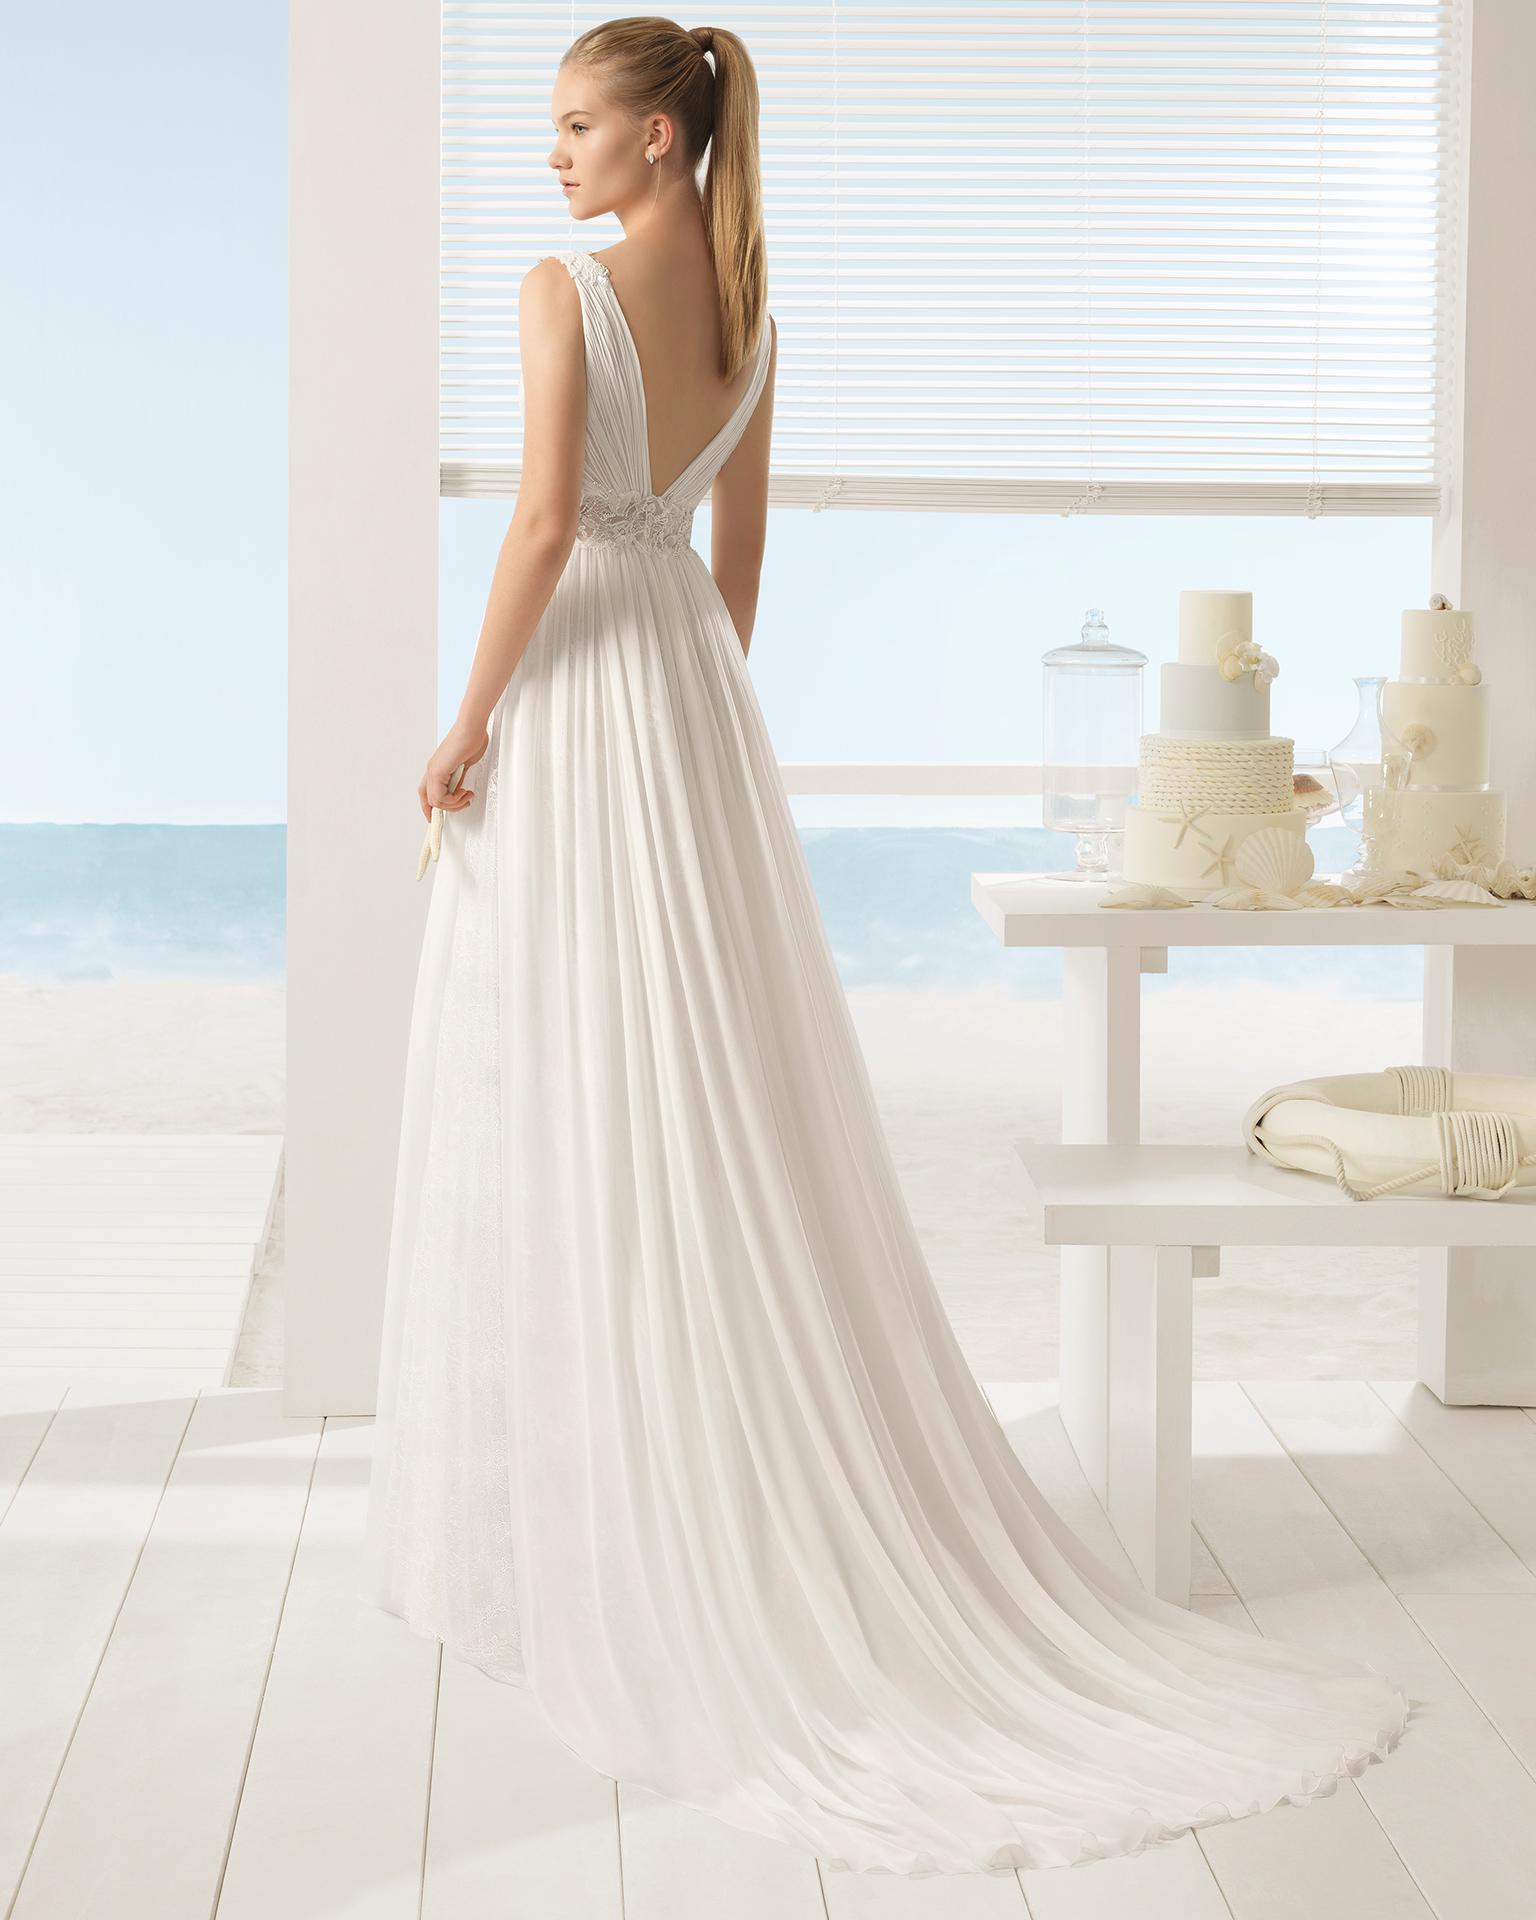 Rochie de mireasă în stil boho din voal de mătase, cu decolteu în V și spatele decoltat, cu ornament din strasuri.